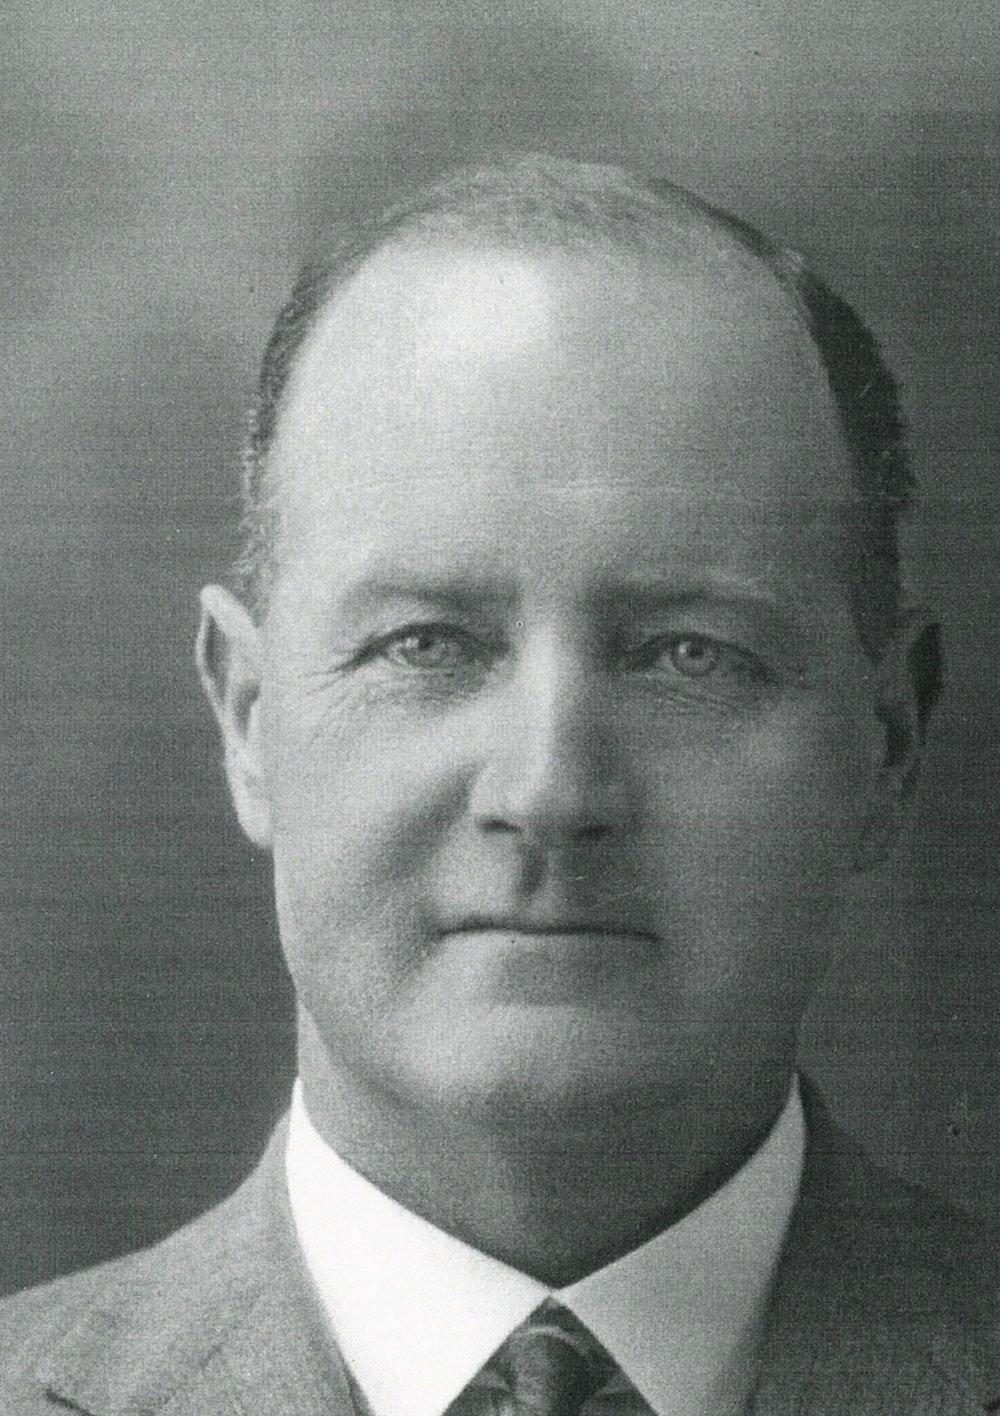 1949 - Colonel Daniel Evans OBE DSO VD*